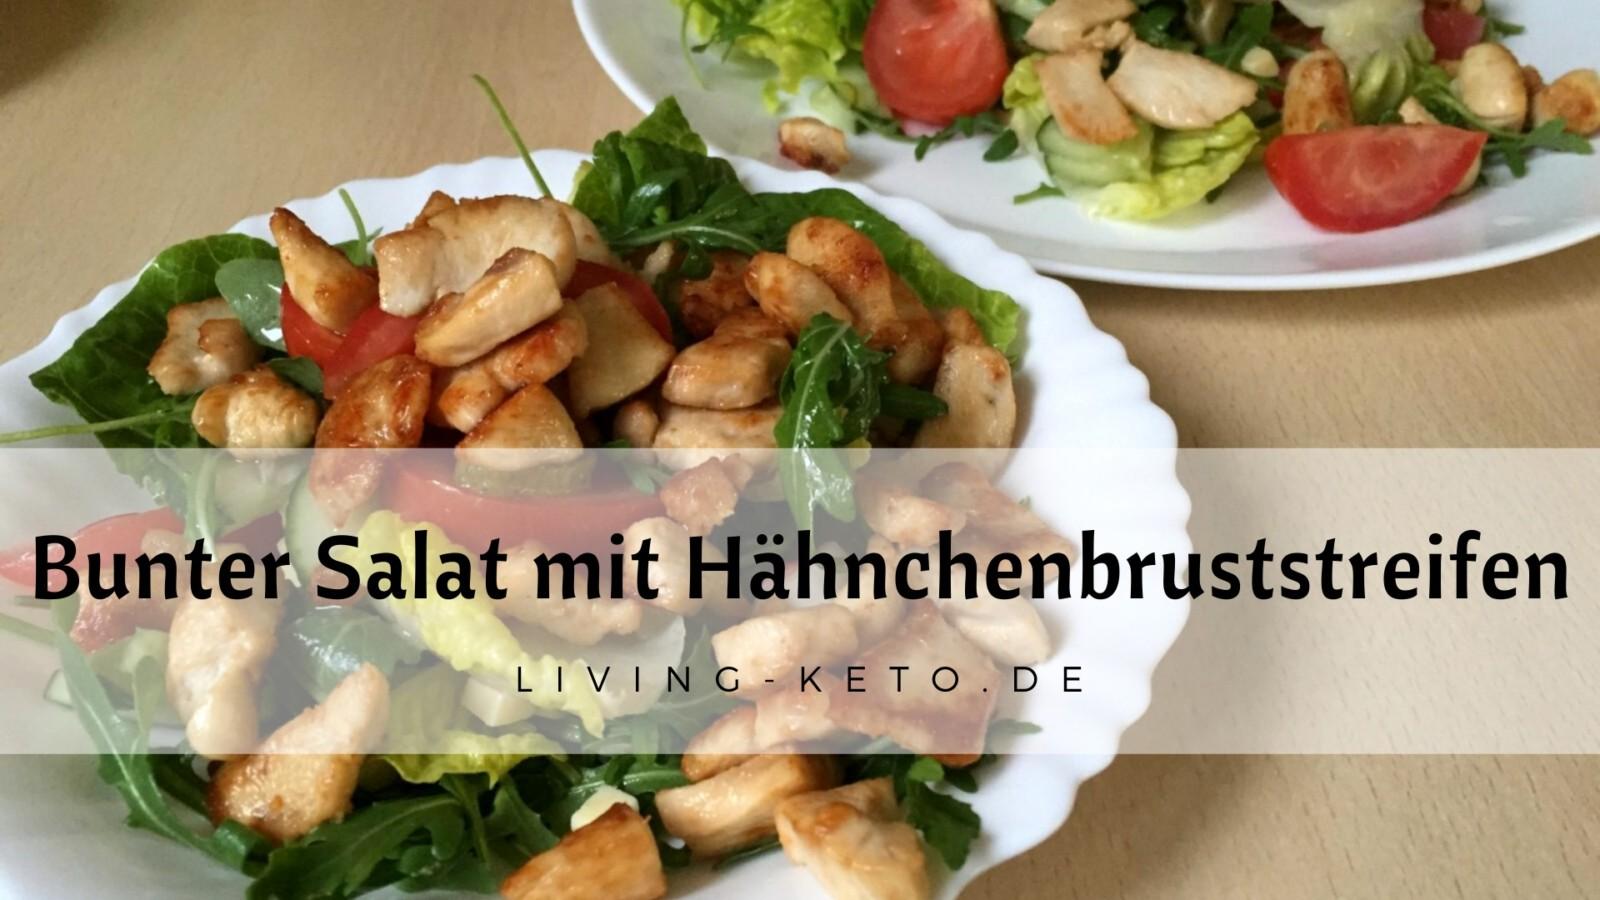 Bunter Salat mit Hähnchenbruststreifen